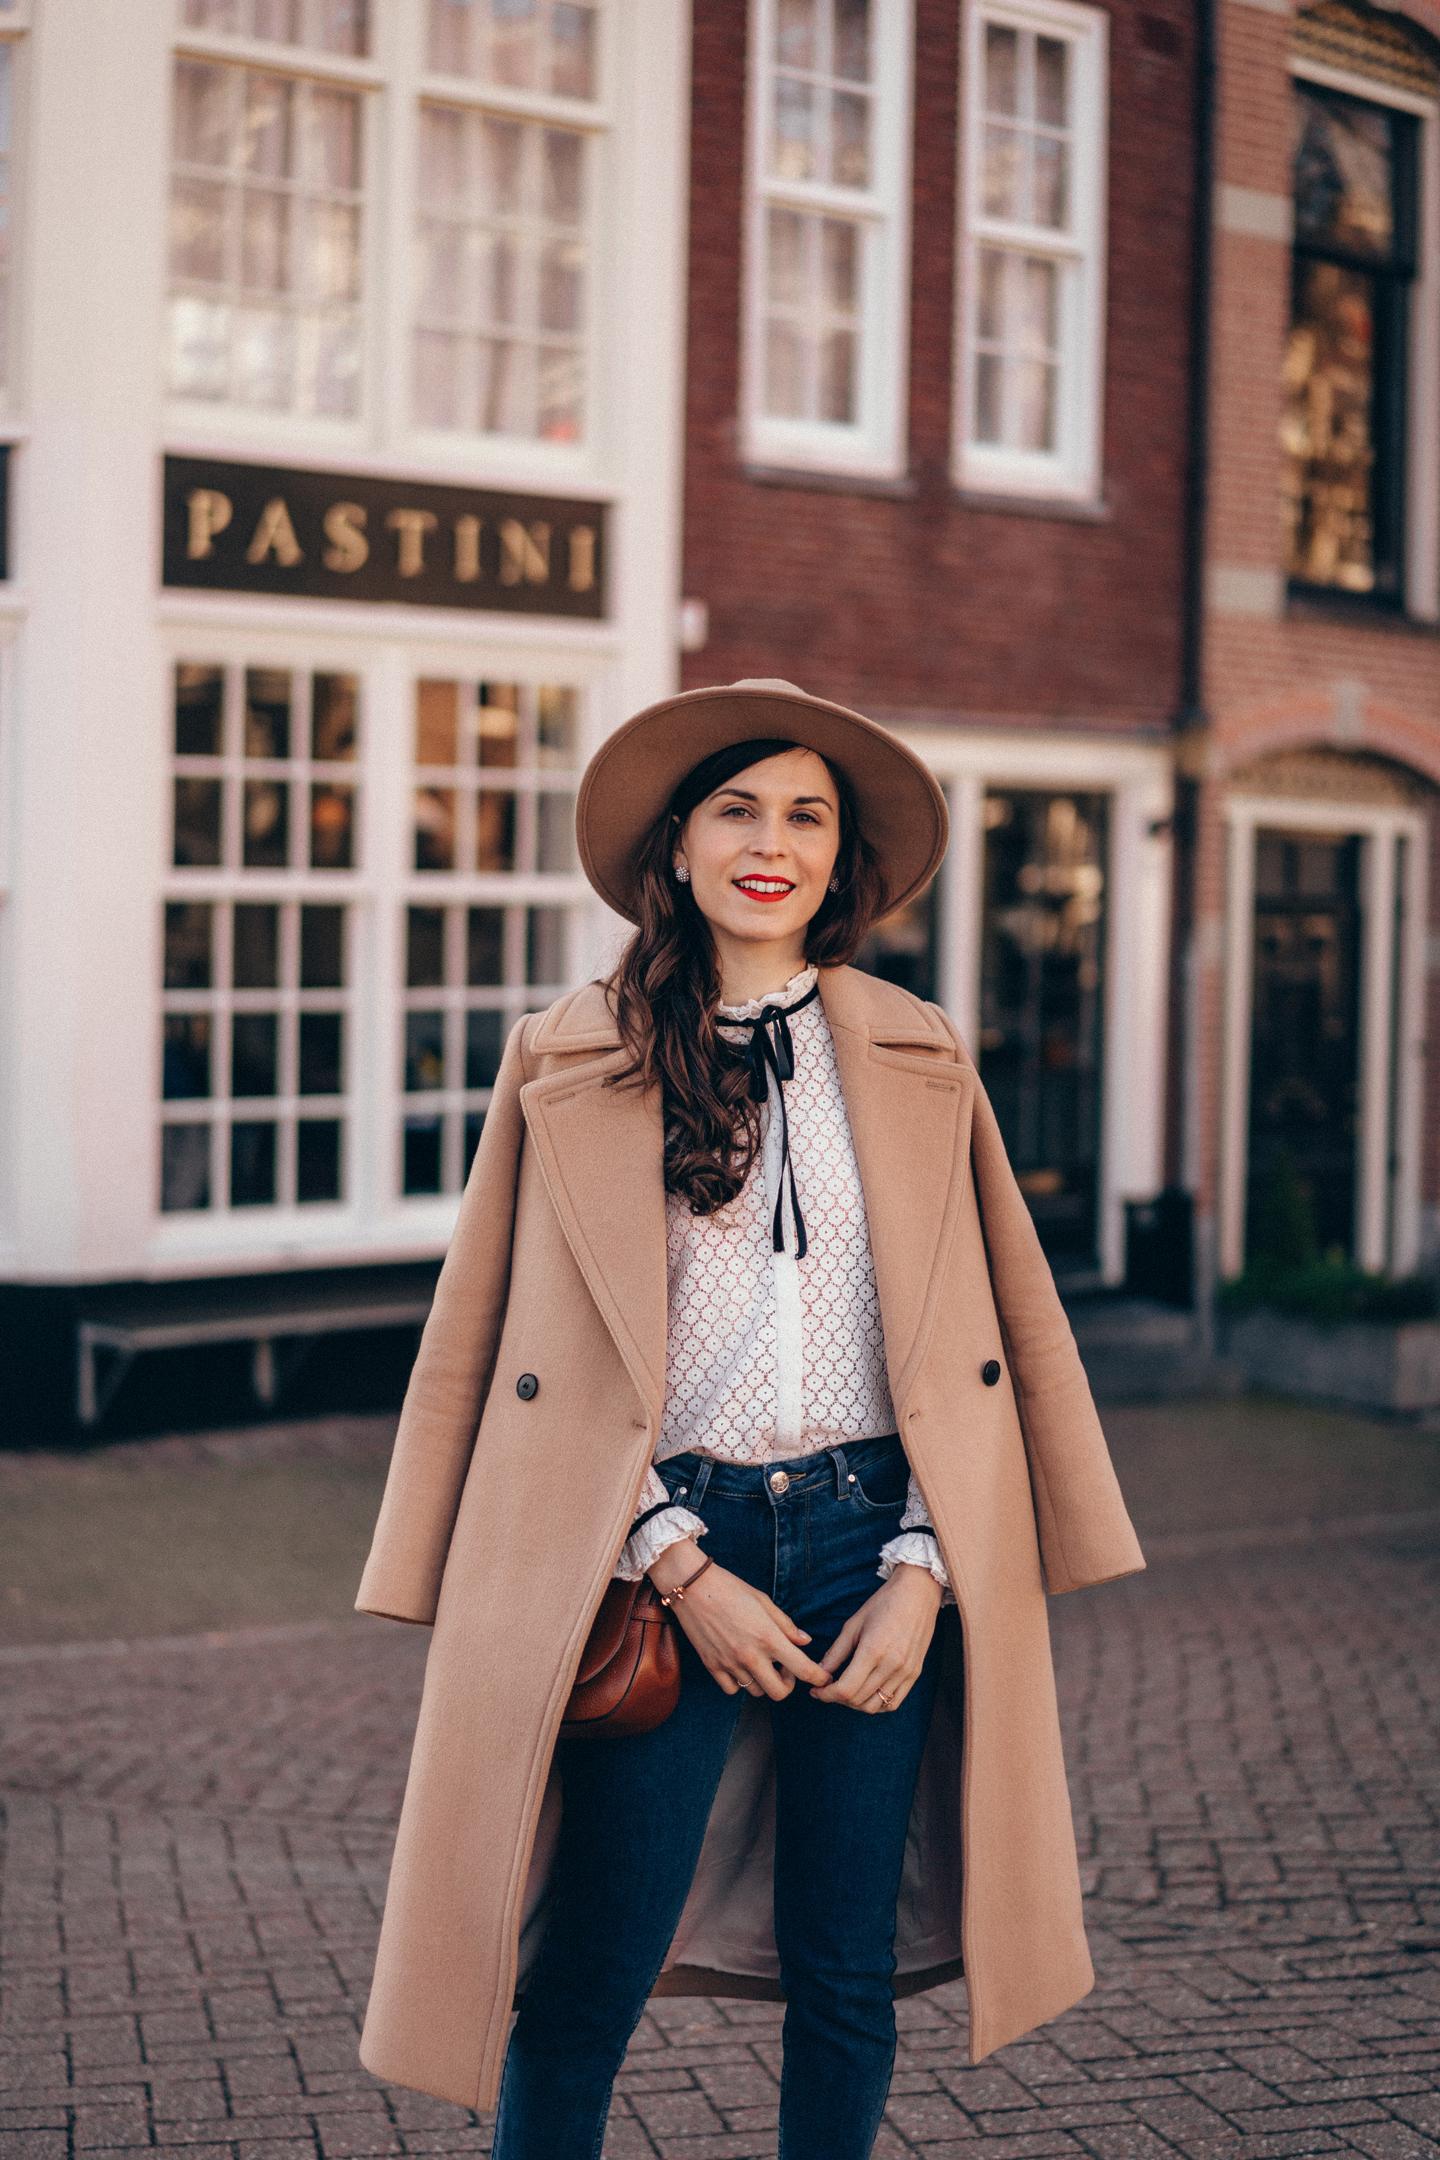 AmsterdamV2